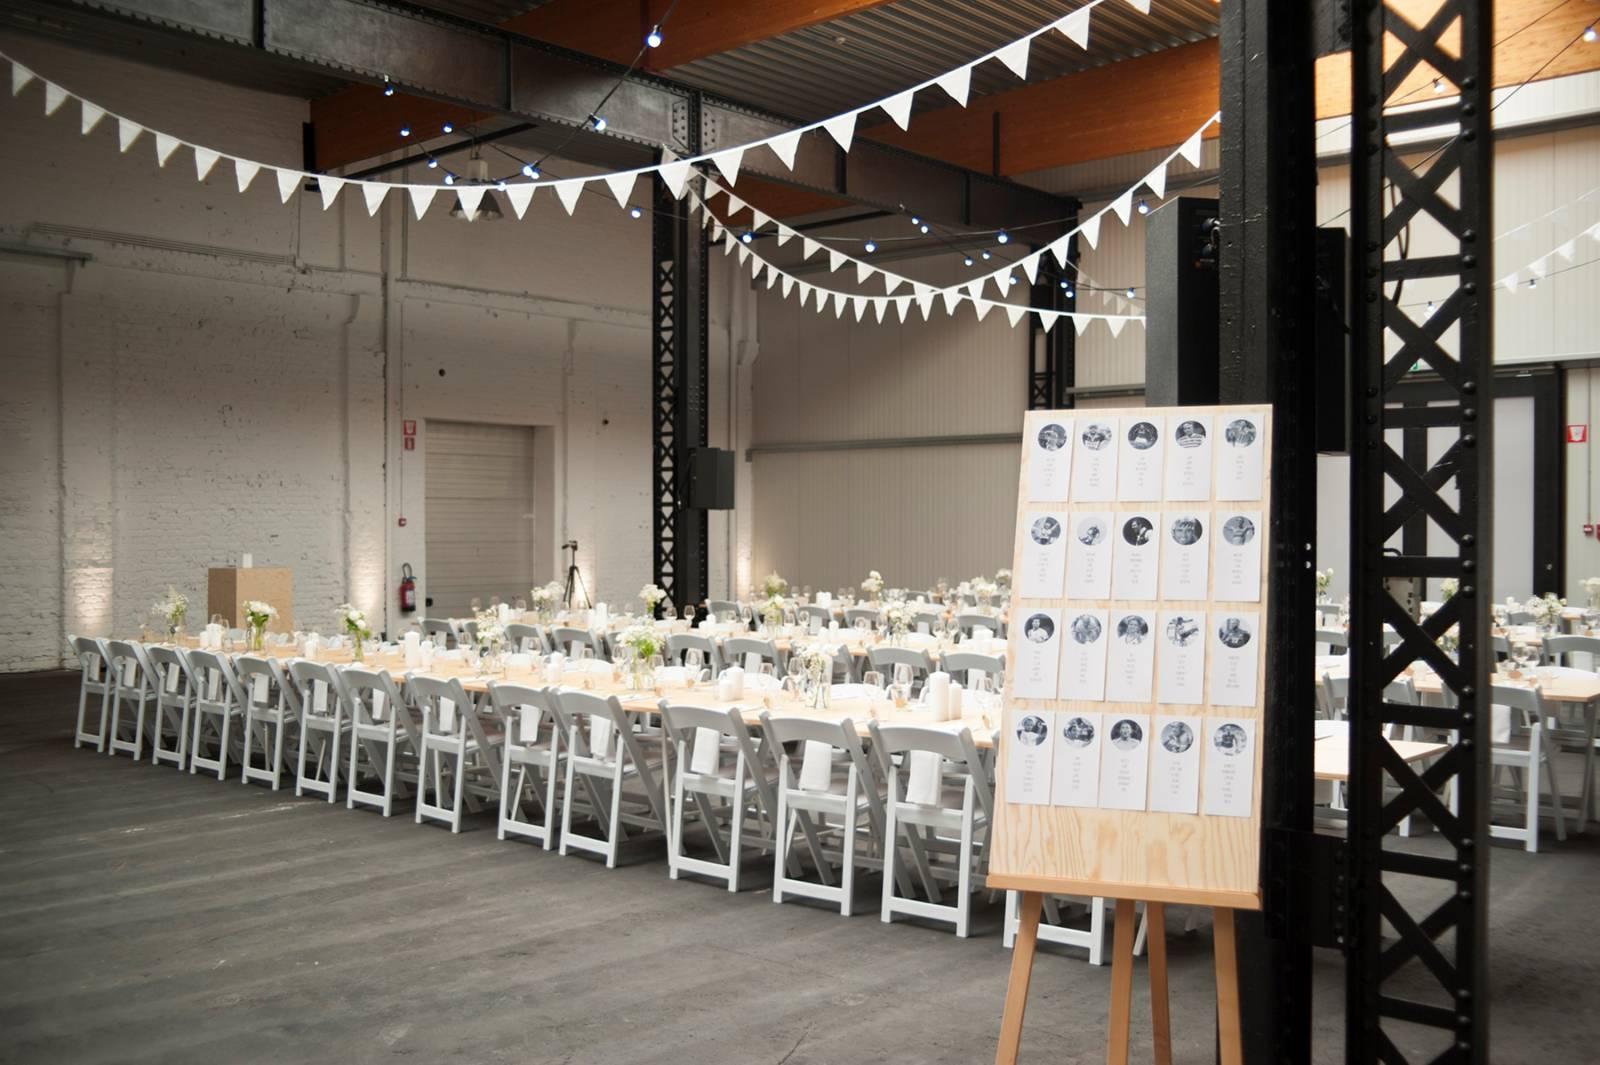 House of Weddings Firma Cantina Feestzaal Wedding Venue Huwelijk Brussel industrieel fabriek ceremonie receptie walking dinner (18)